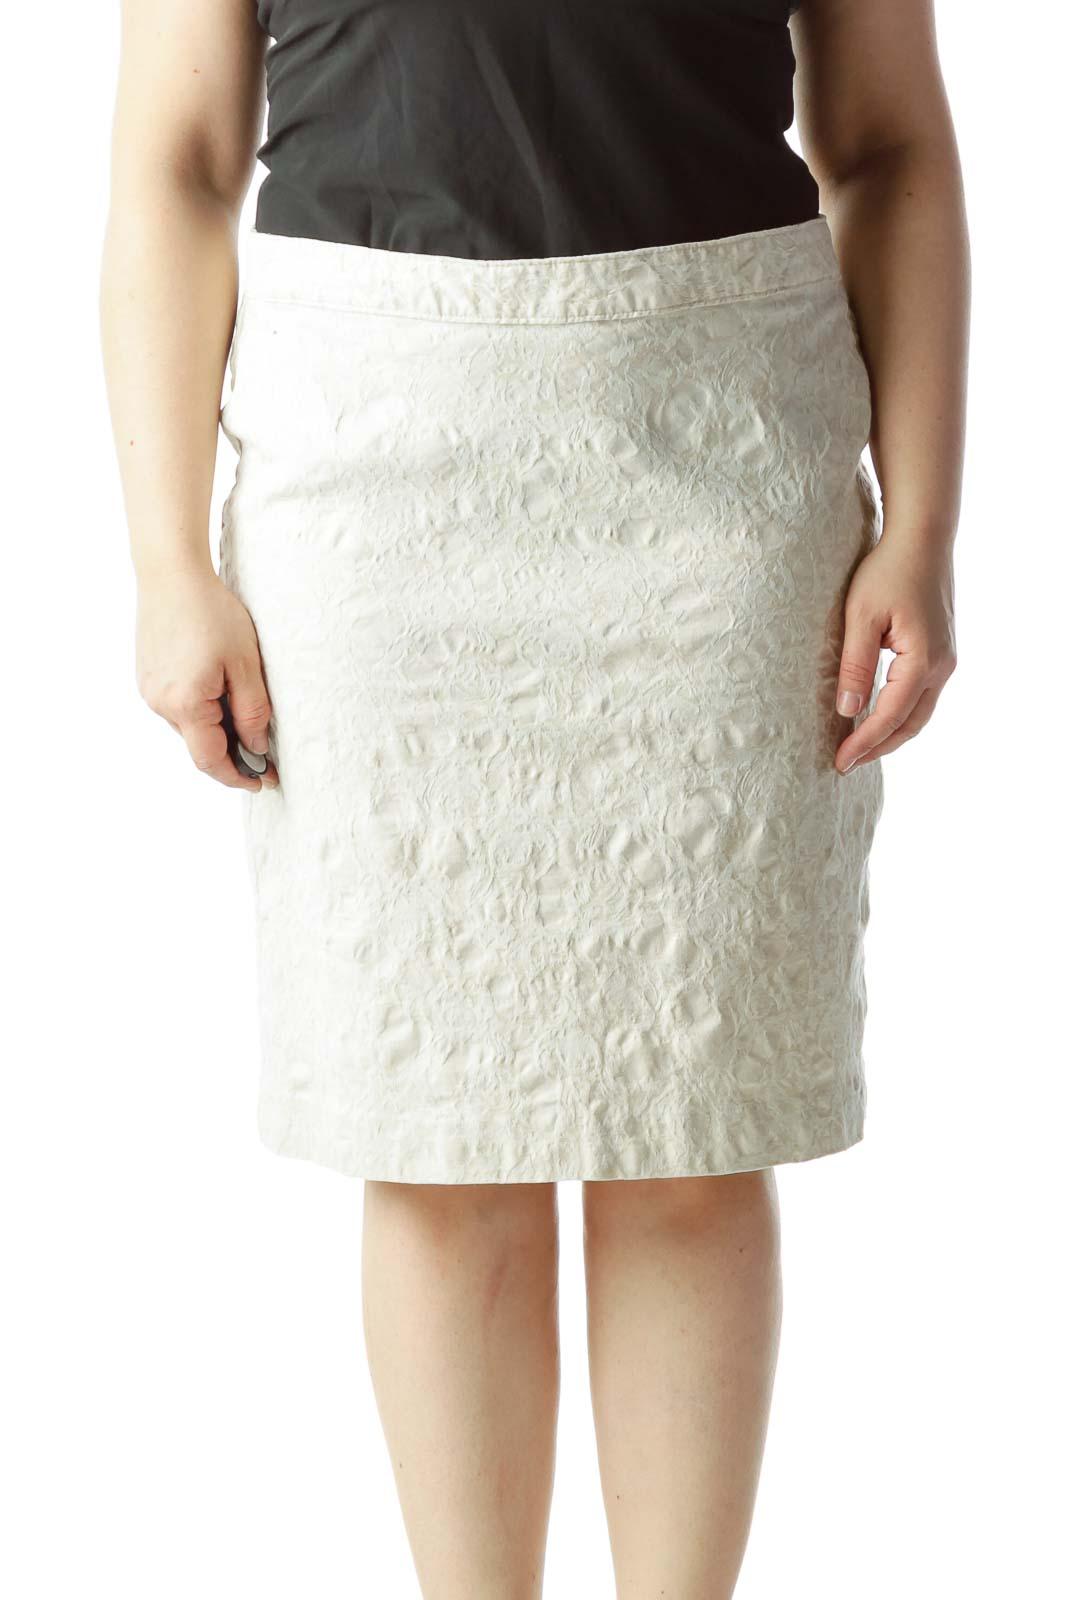 Cream Jacquard A-Line Medium Length Skirt Front